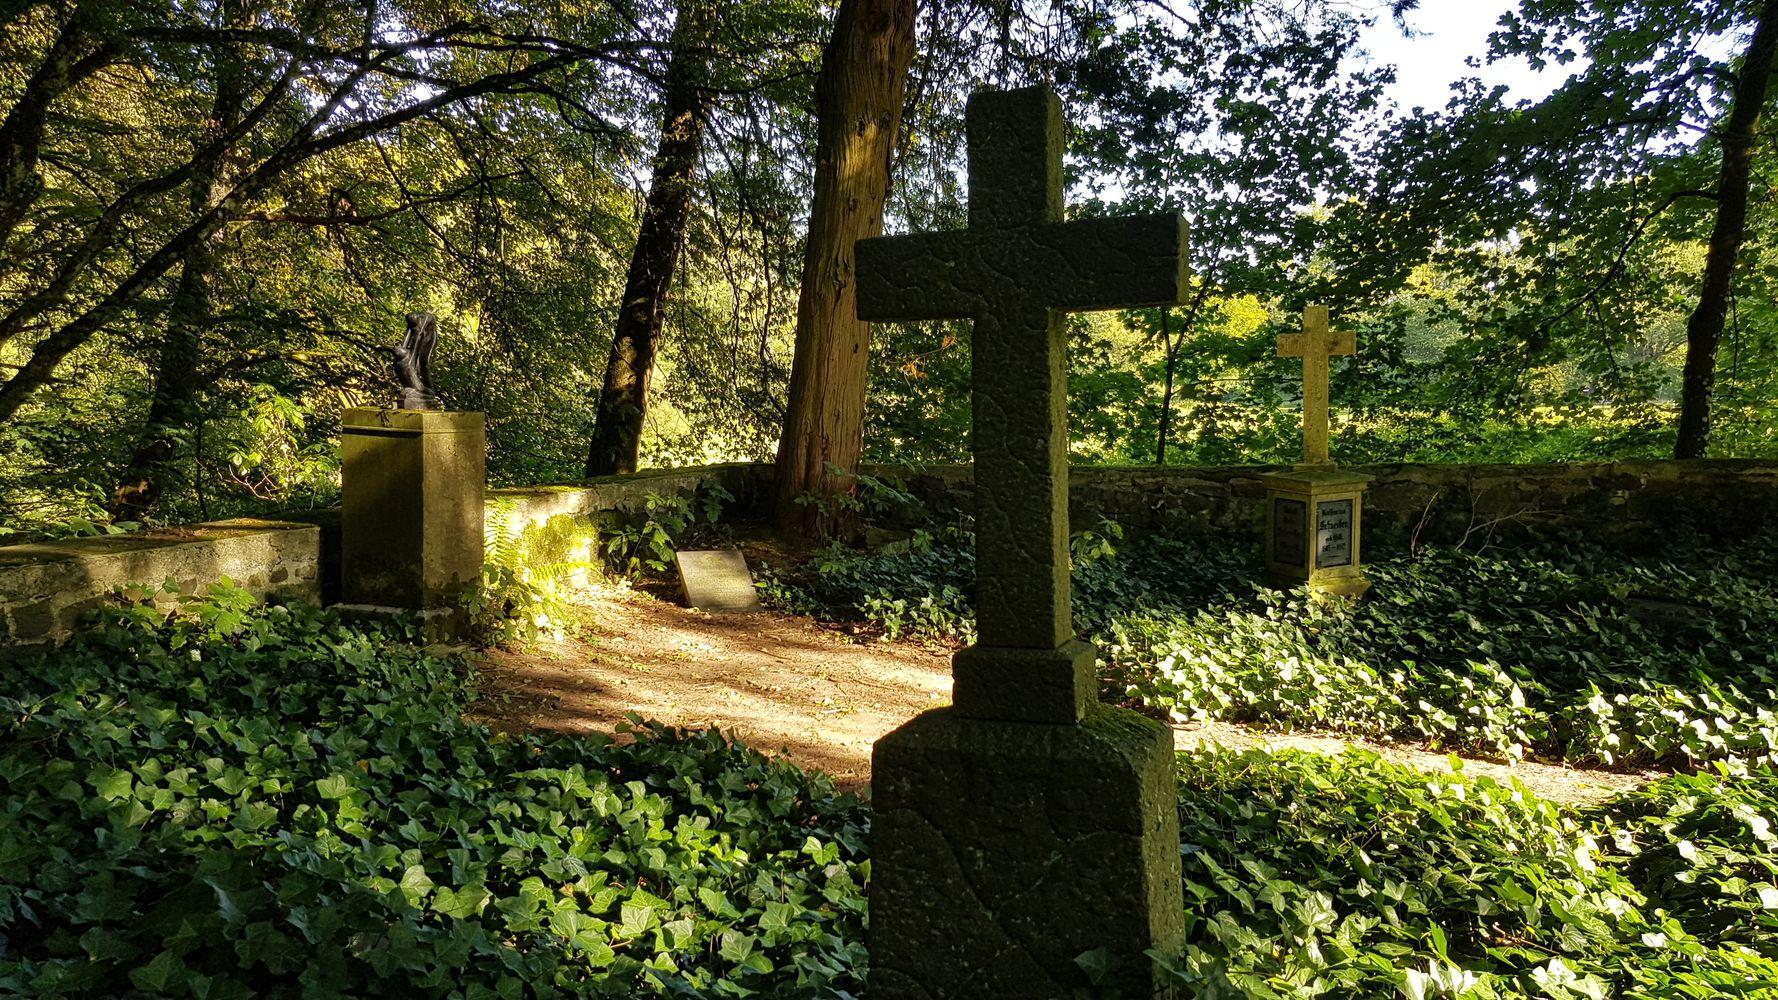 Familienfriedhof der Familie Schneider am Ausgang der Großen Holzbachschlucht